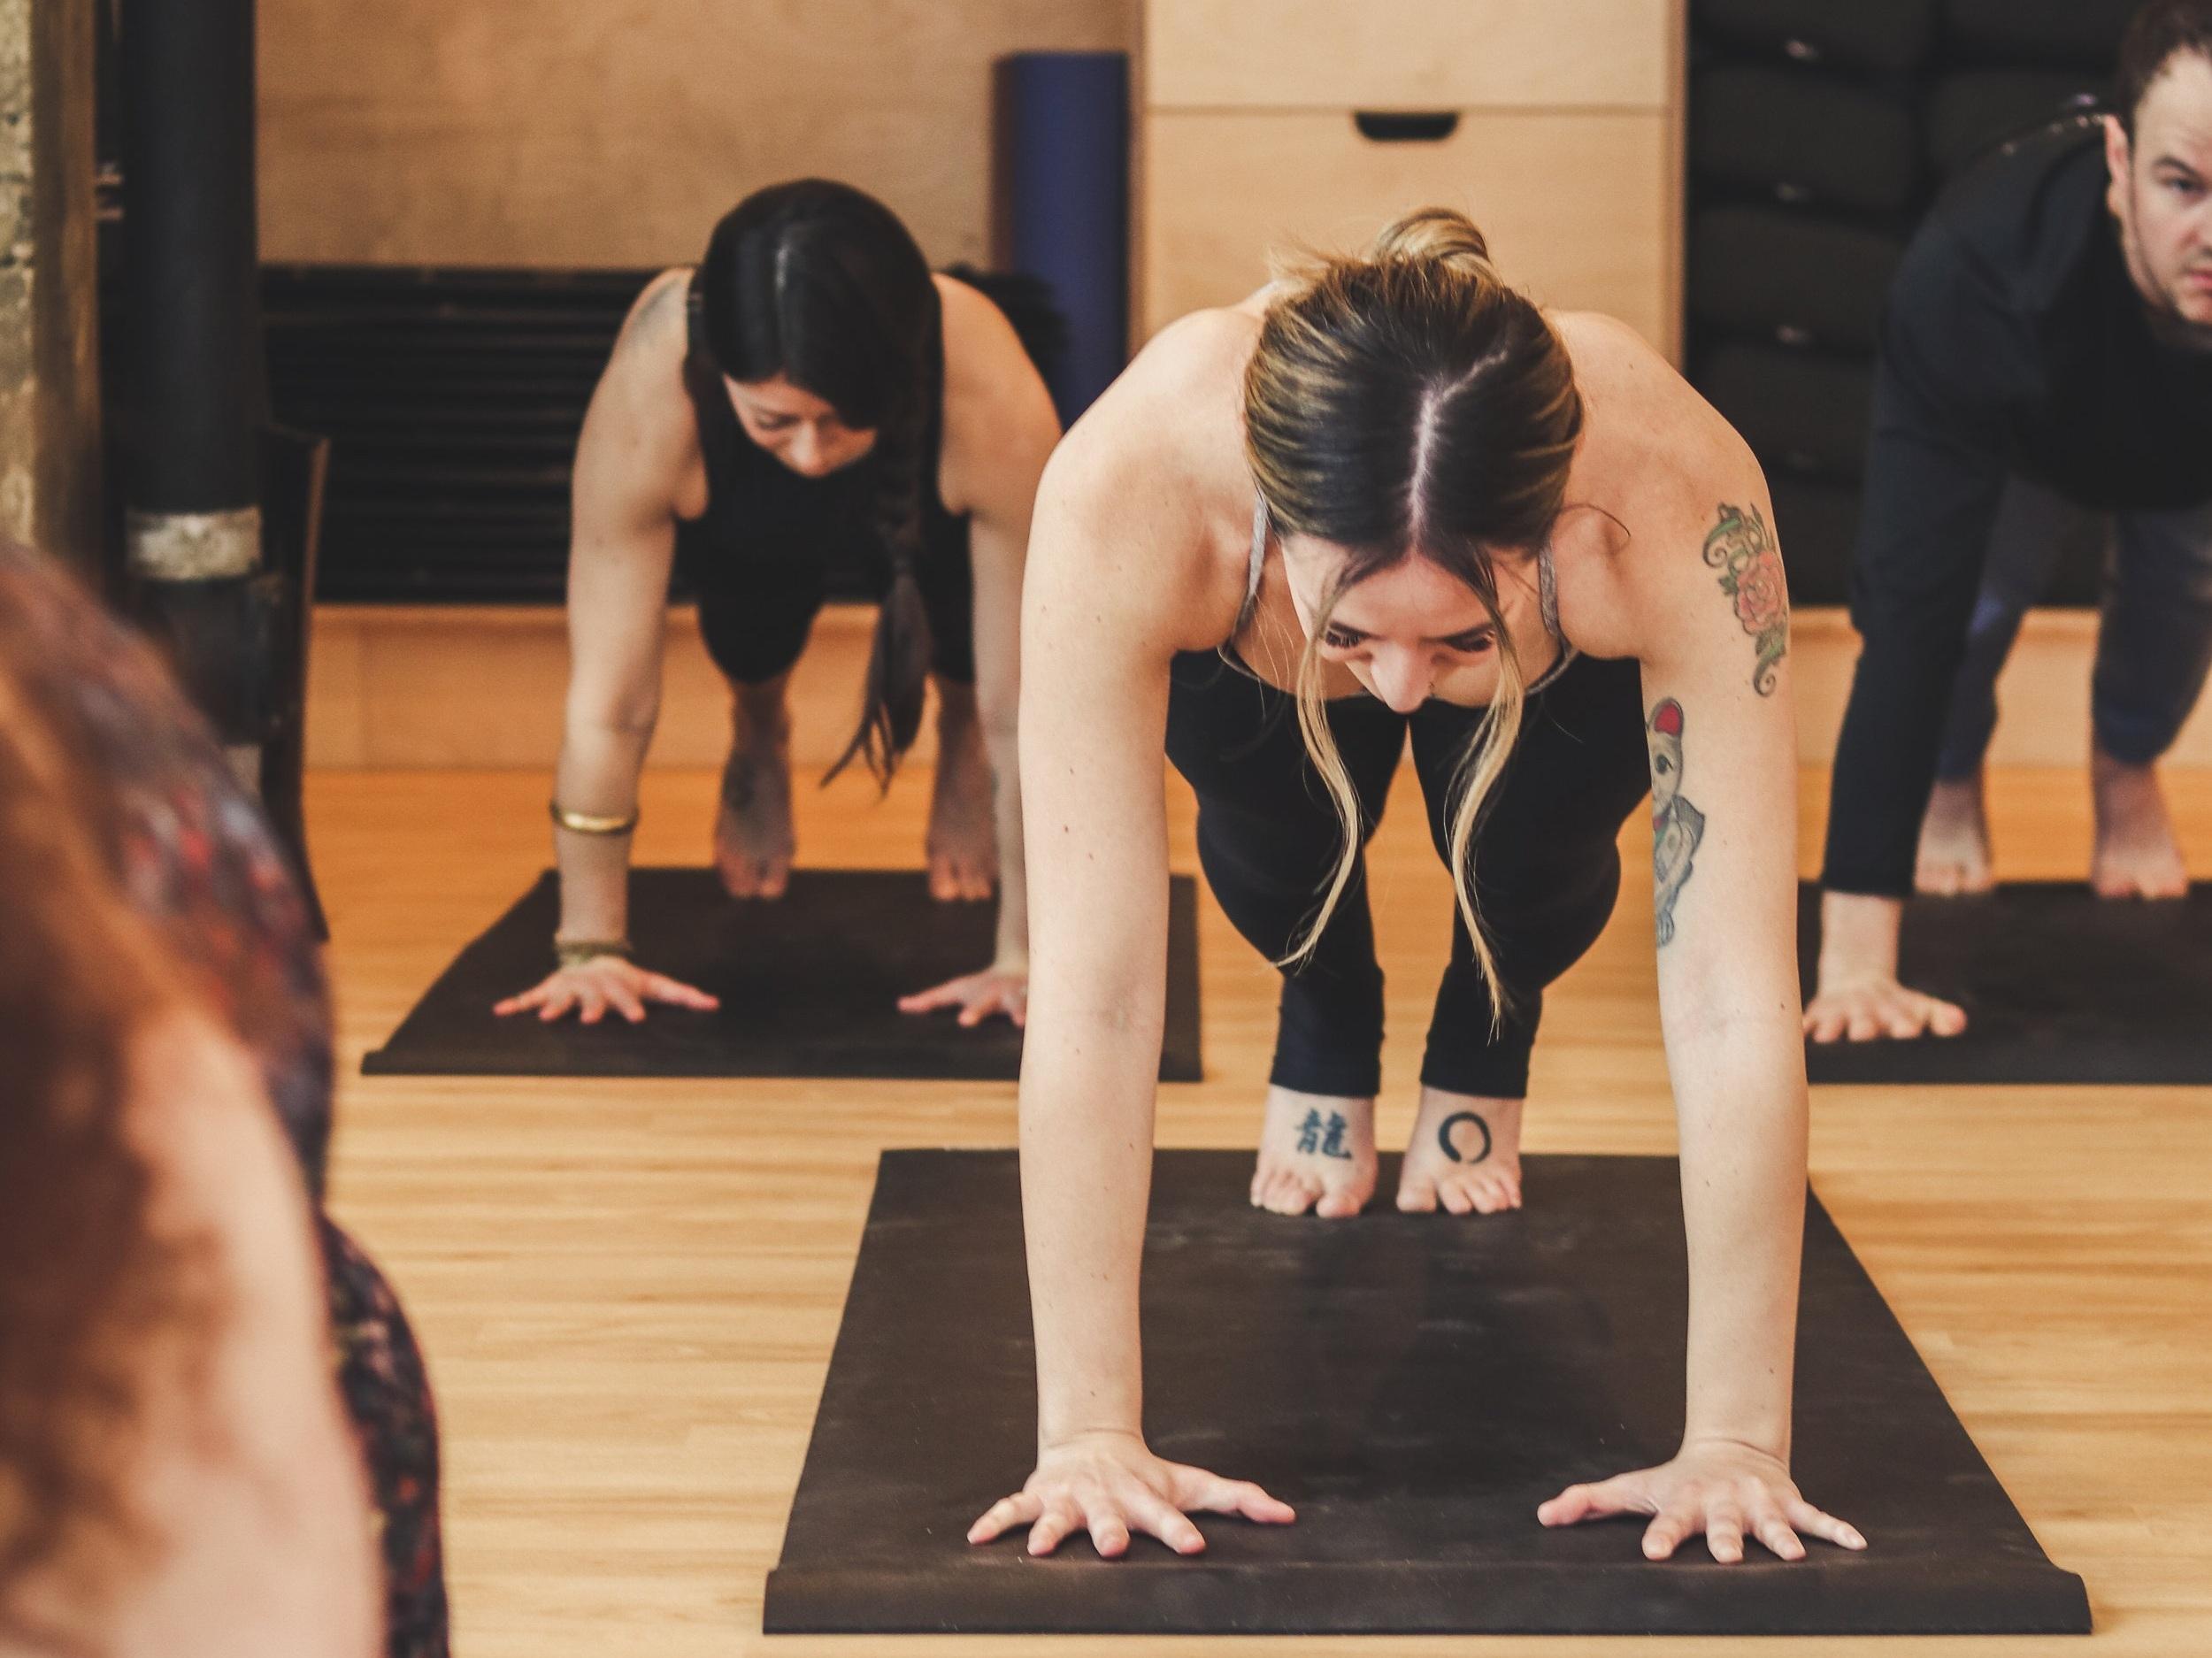 YOGA CORE/SCULPTER - Une série de yoga basée sur le renforcement des muscles profonds du centre du corps. / Vous ne pouvez pas décider entre le gymnase et le studio de yoga ? Vous n'êtes pas obligé de choisir. Ce cours stimulant à l'heure du dîner vous donnera tout ce dont vous avez besoin en moins d'une heure.